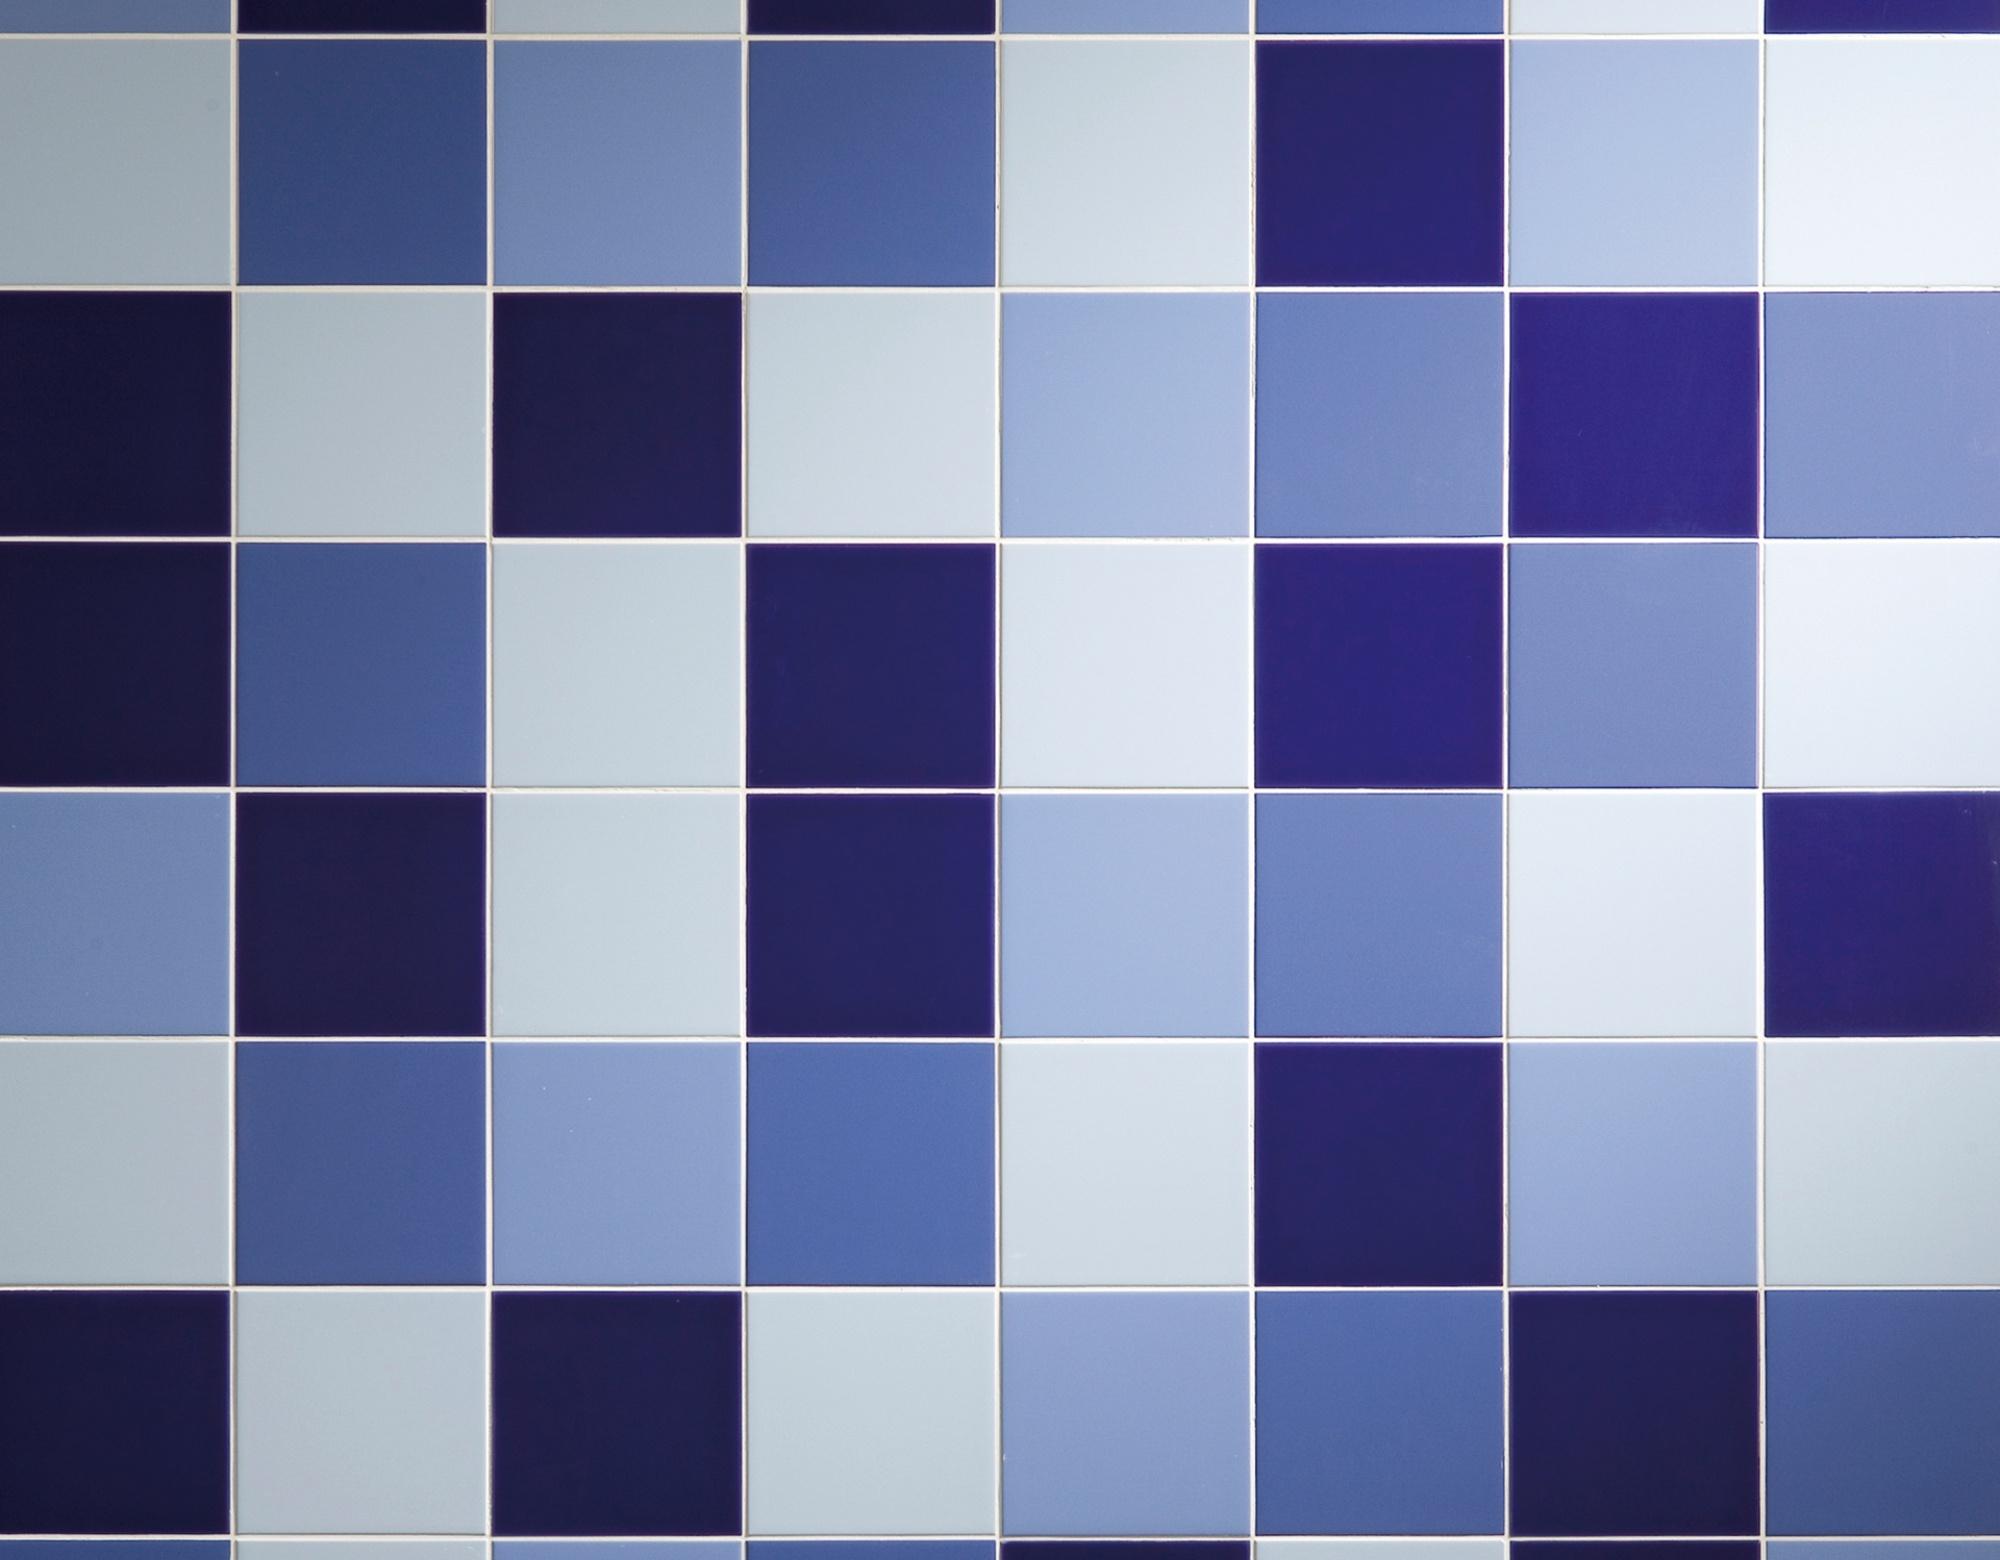 Mosa Tegels Kopen : Grijze tegels huiskamer grijze mosa tegel voor gang wc keuken